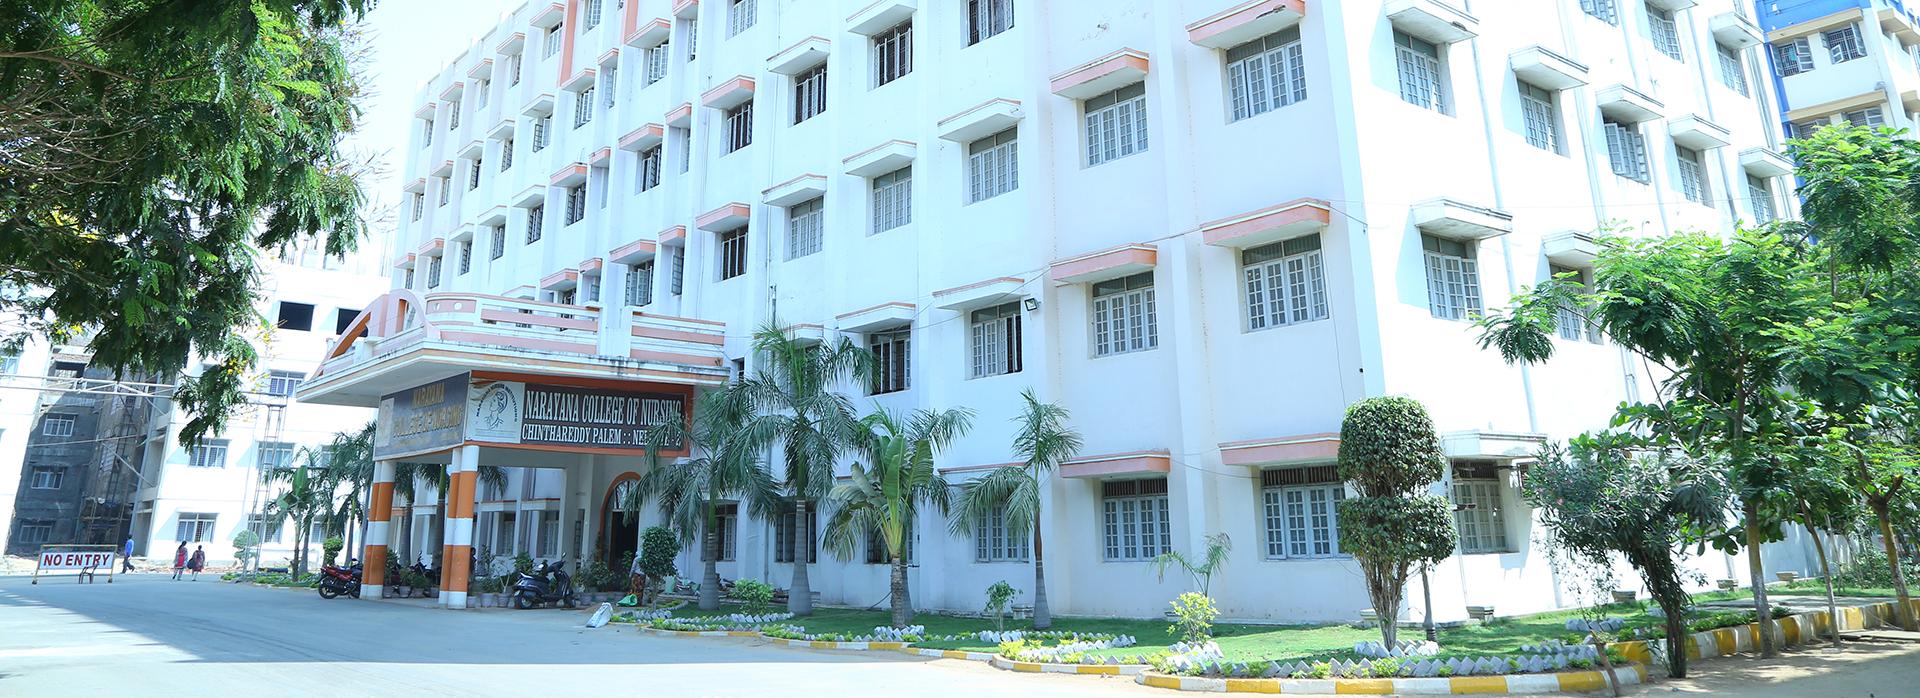 Narayana College of Nursing, Nellore Image